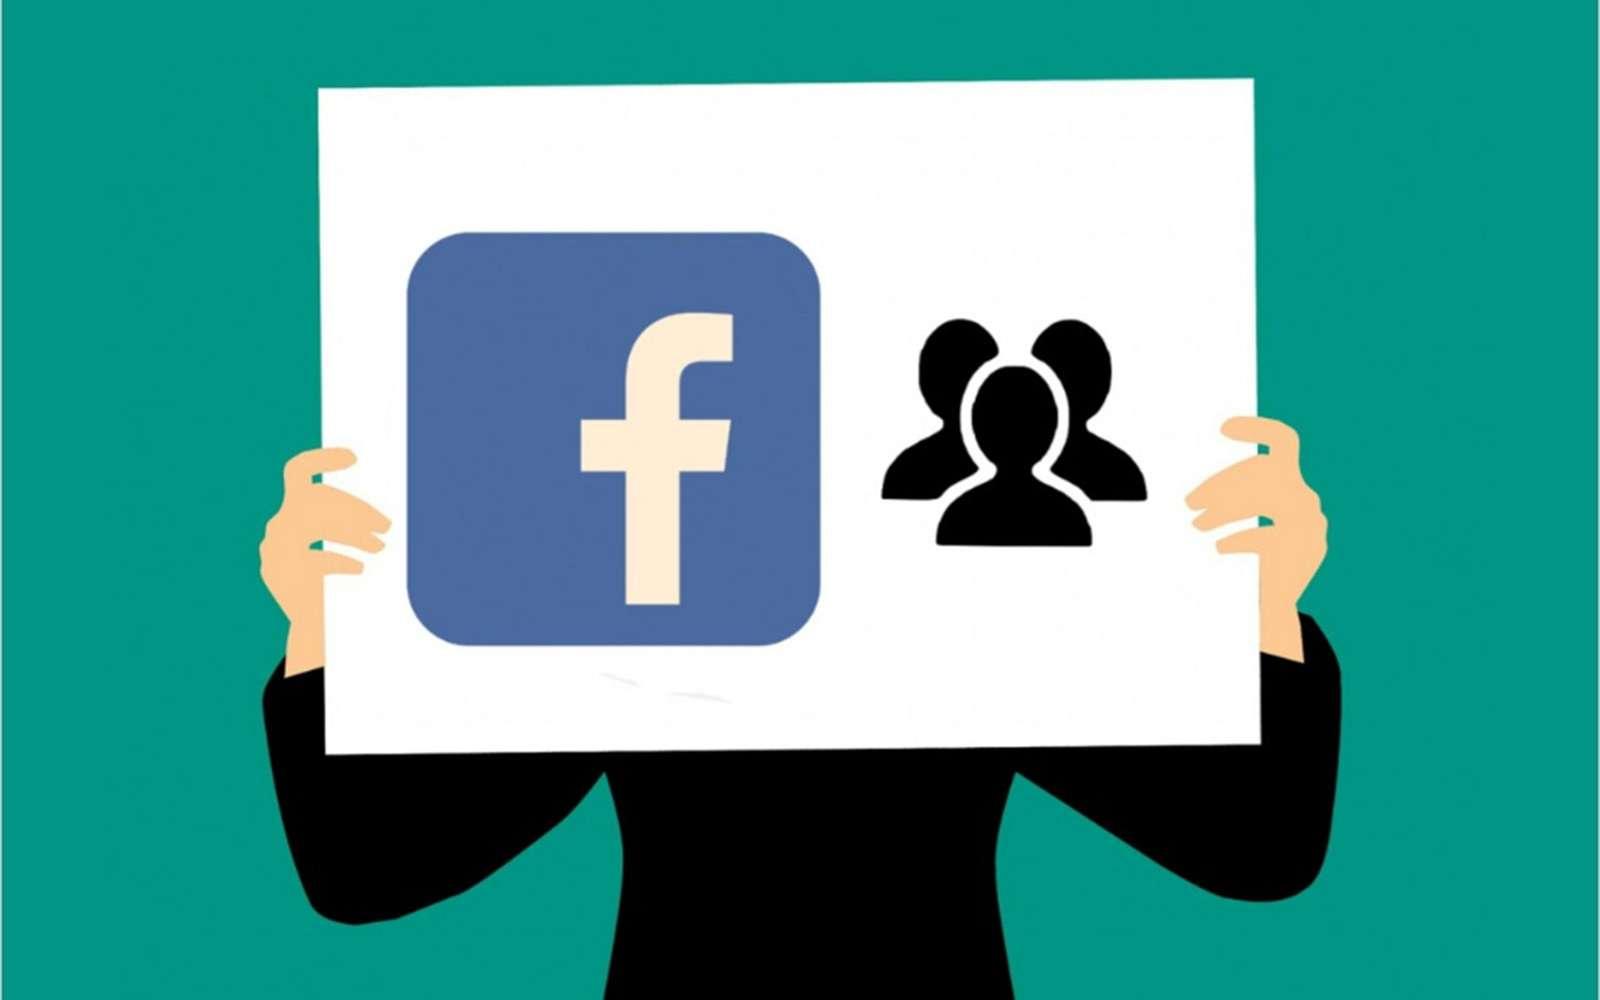 Les paramètres de confidentialité changent souvent sur Facebook, il faut penser à regarder les nouveautés et à adapter ses réglages. © Facebook